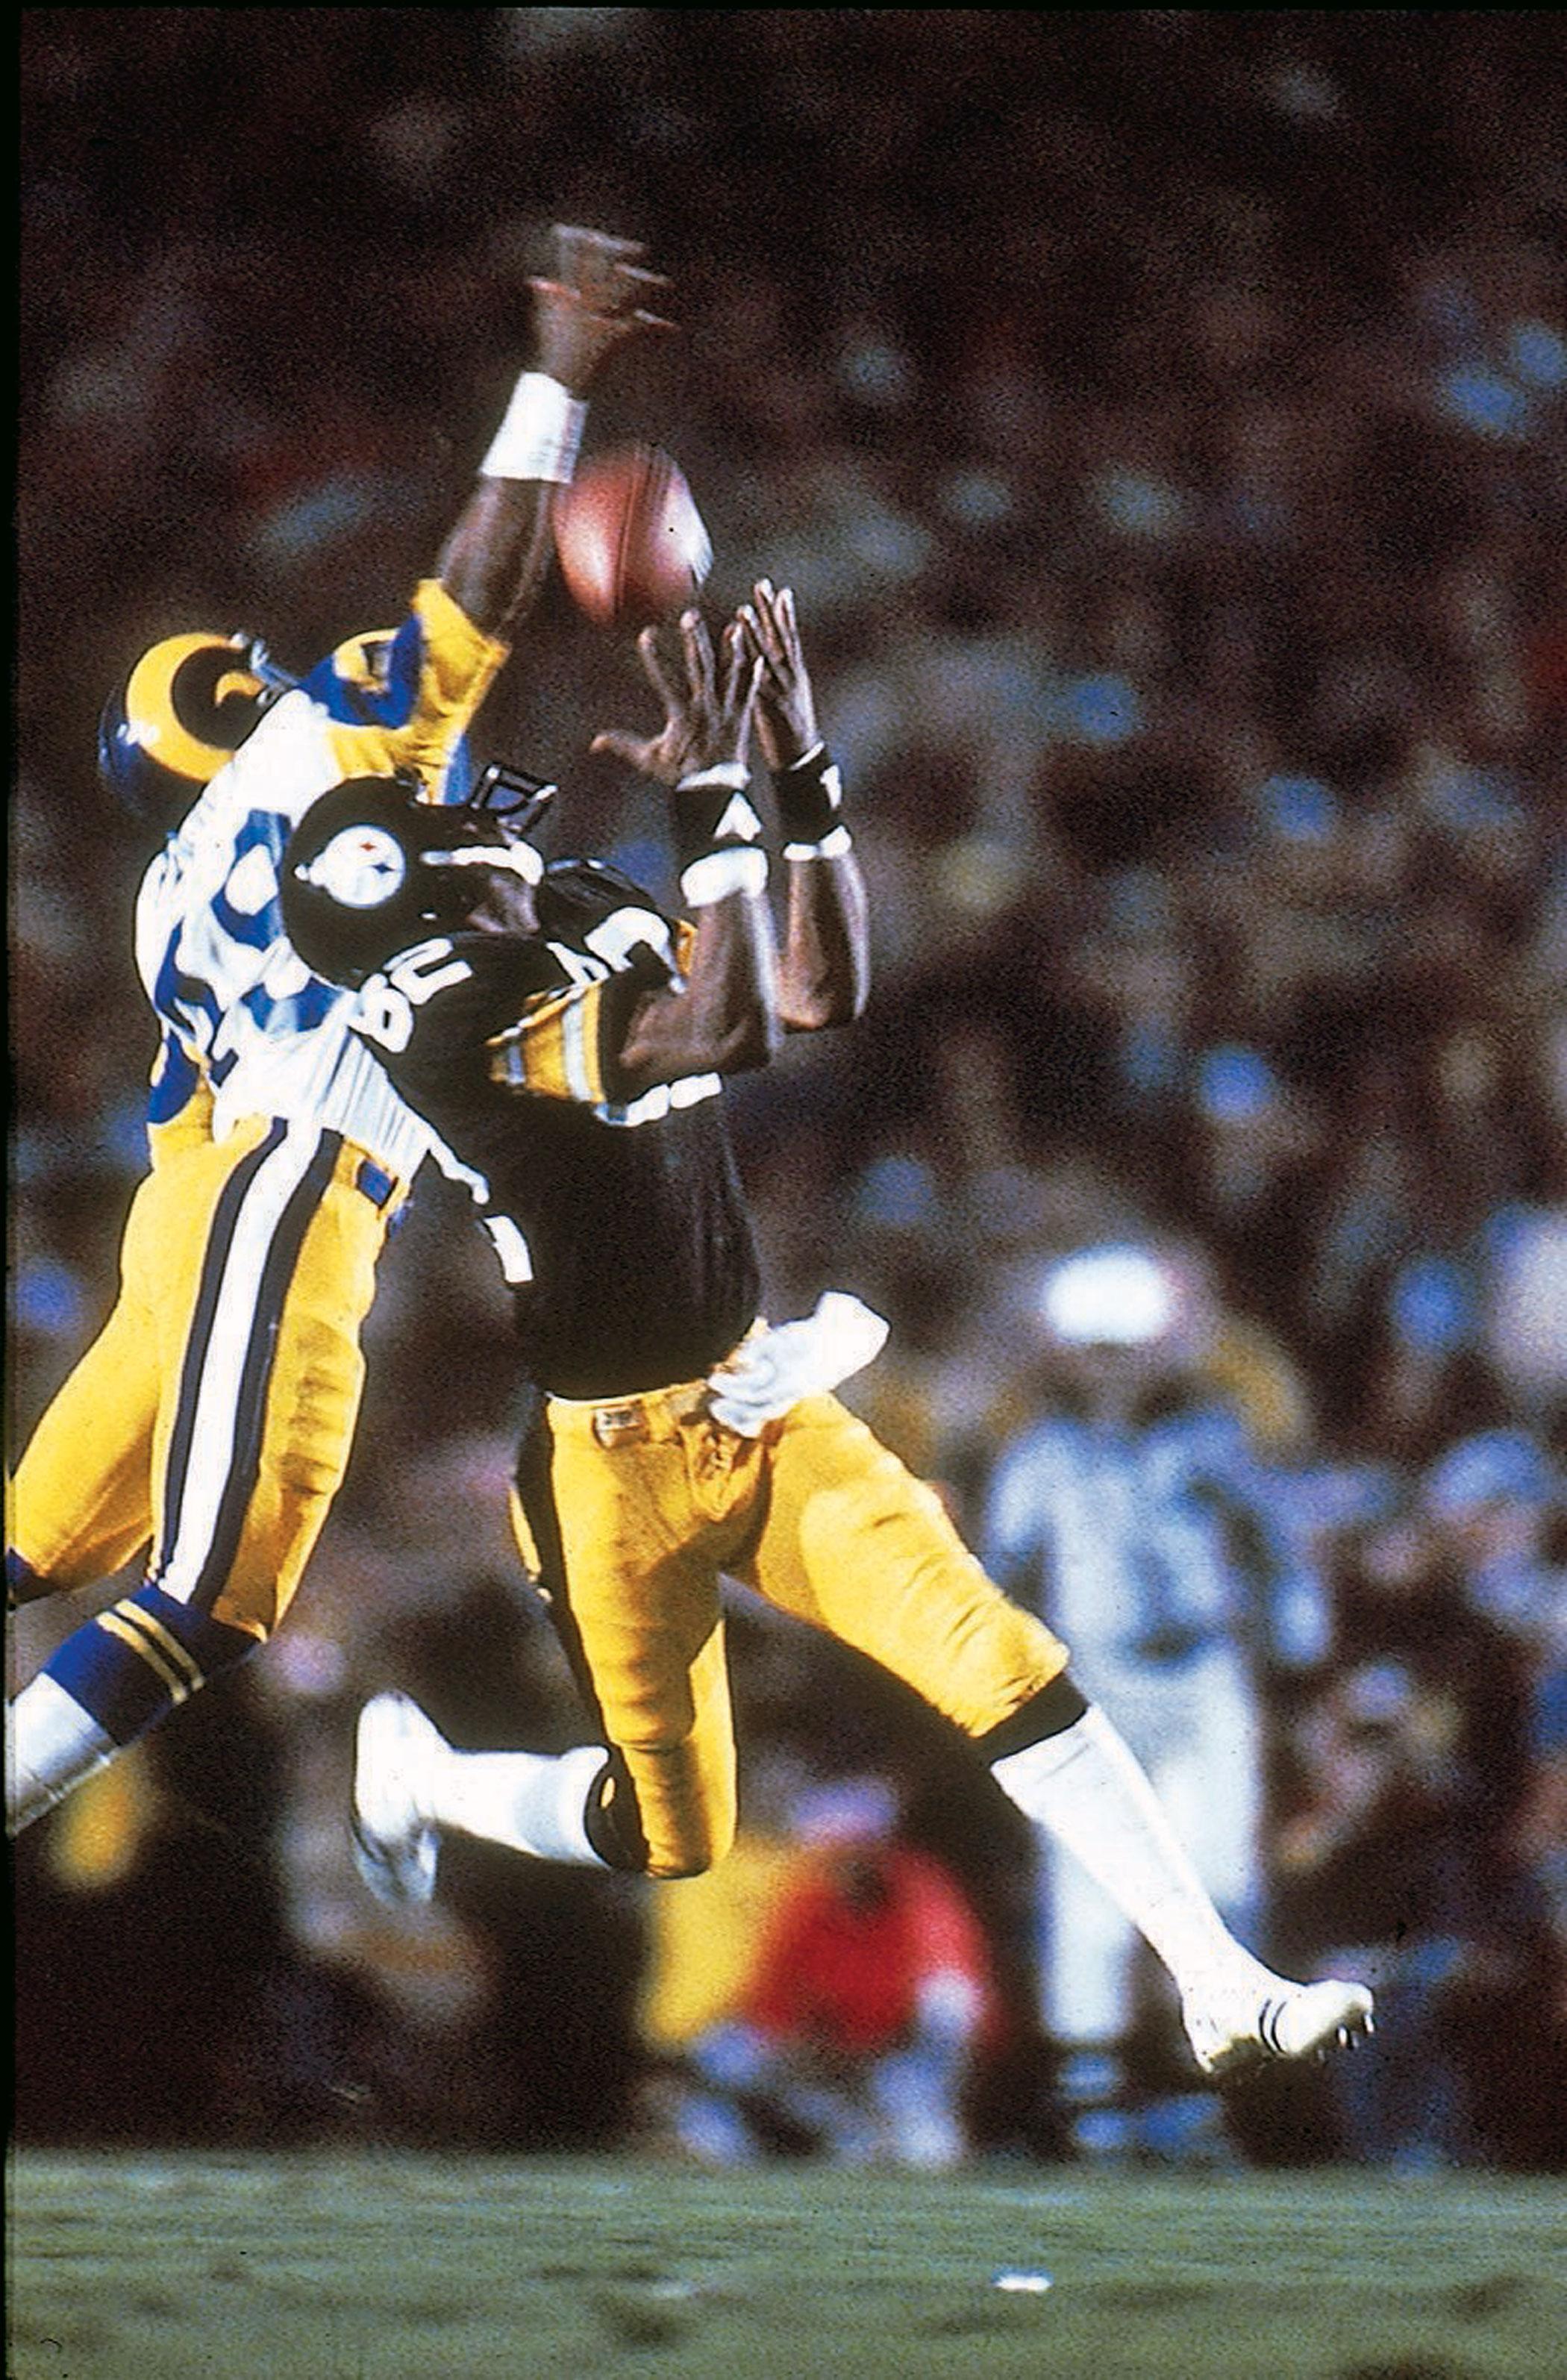 Super Bowl XIV, Jan. 20, 1980                               Pittsburgh Steelers vs Los Angeles Rams in Pasadena, Calif.